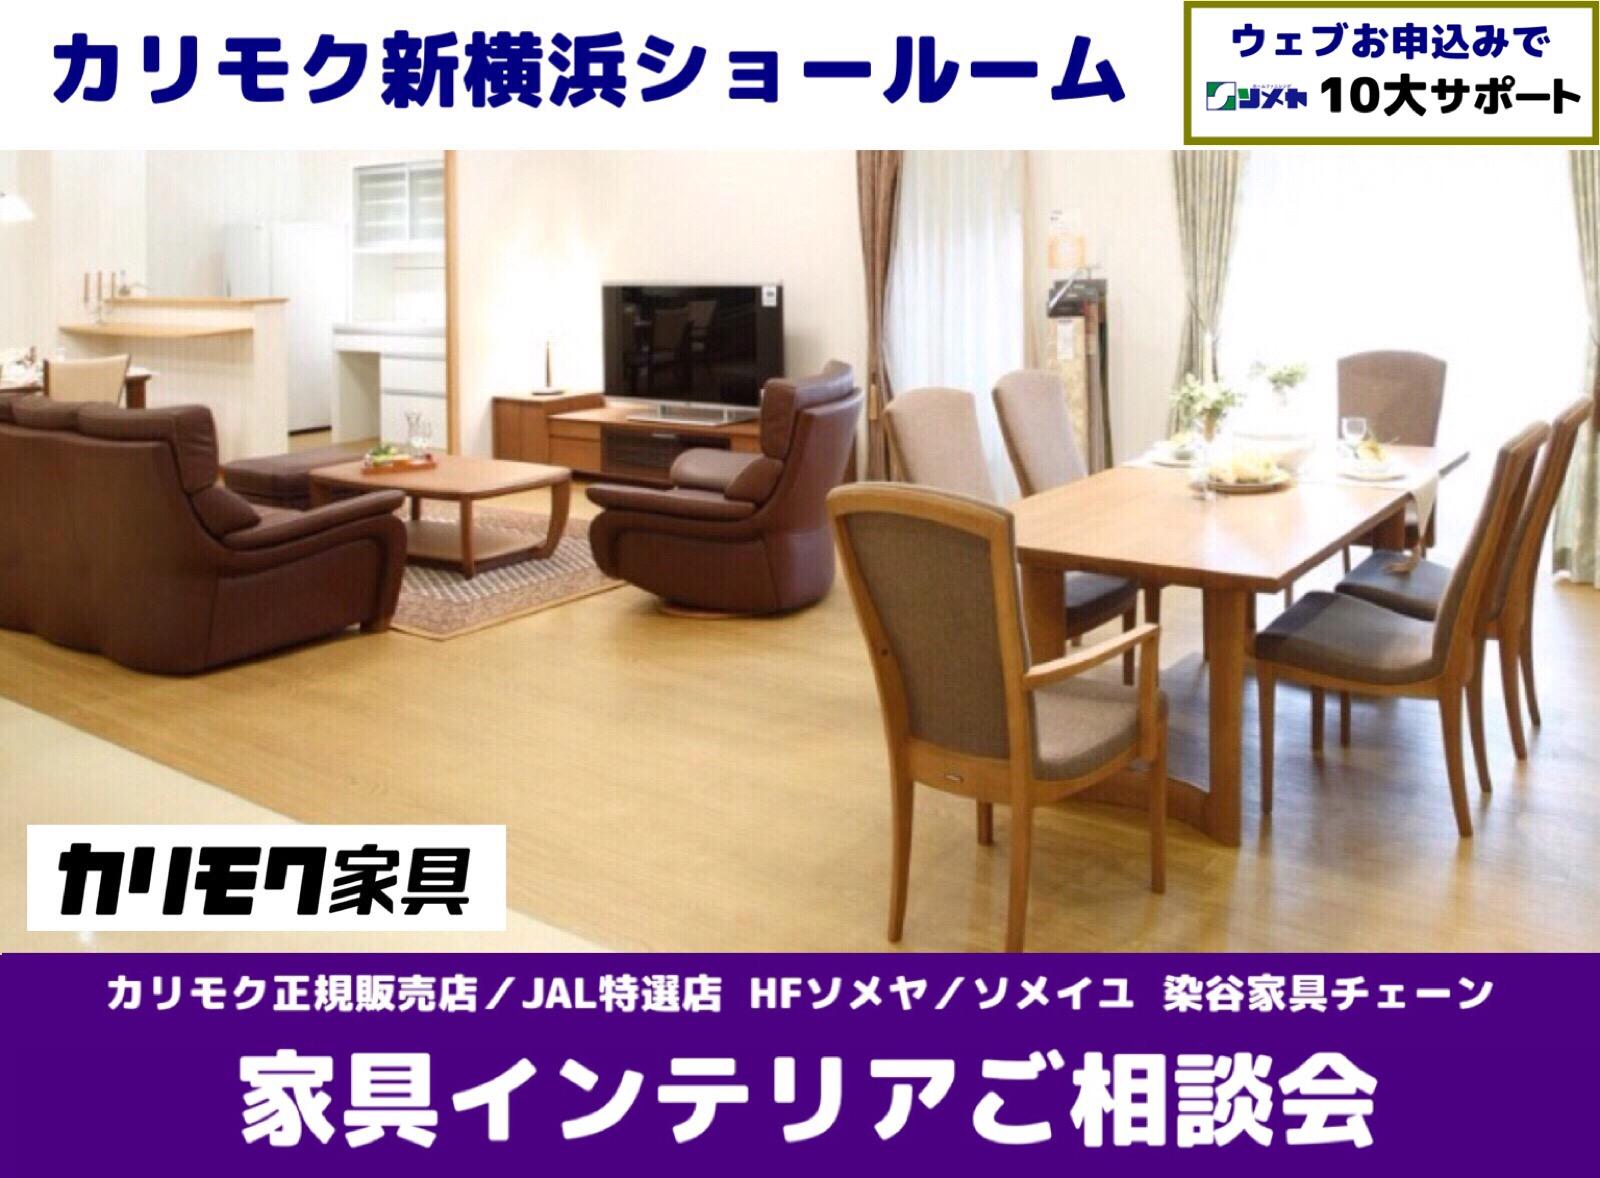 カリモク家具新横浜イベントご案内